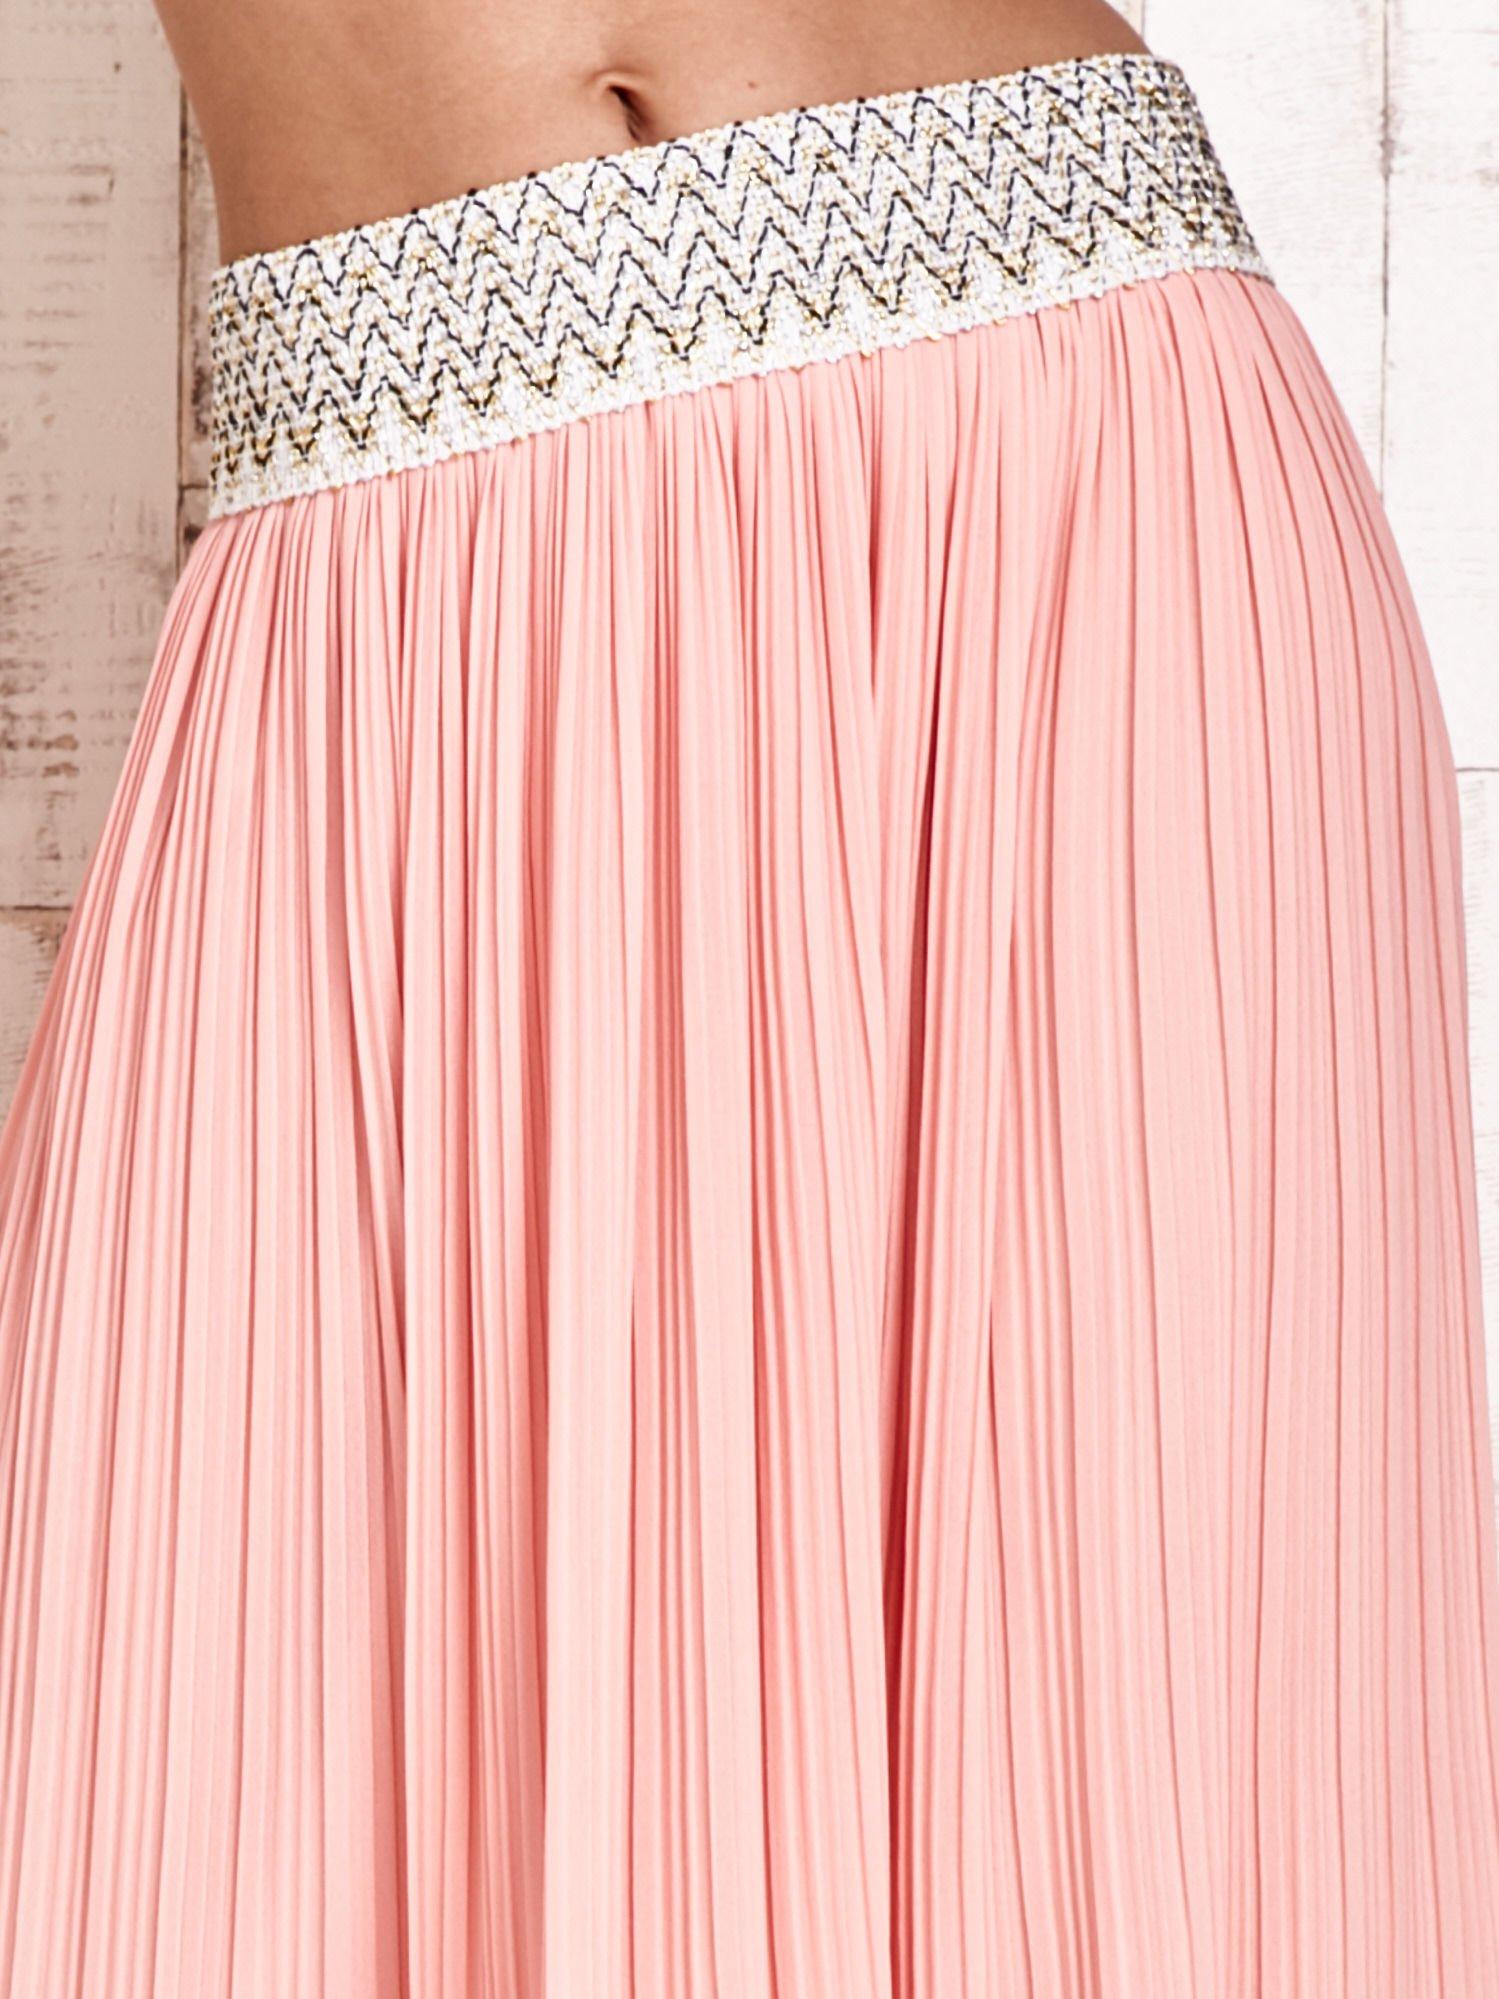 Jasnoróżowa plisowana spódnica maxi z pasem przeszywanym metaliczną nicią                                  zdj.                                  4